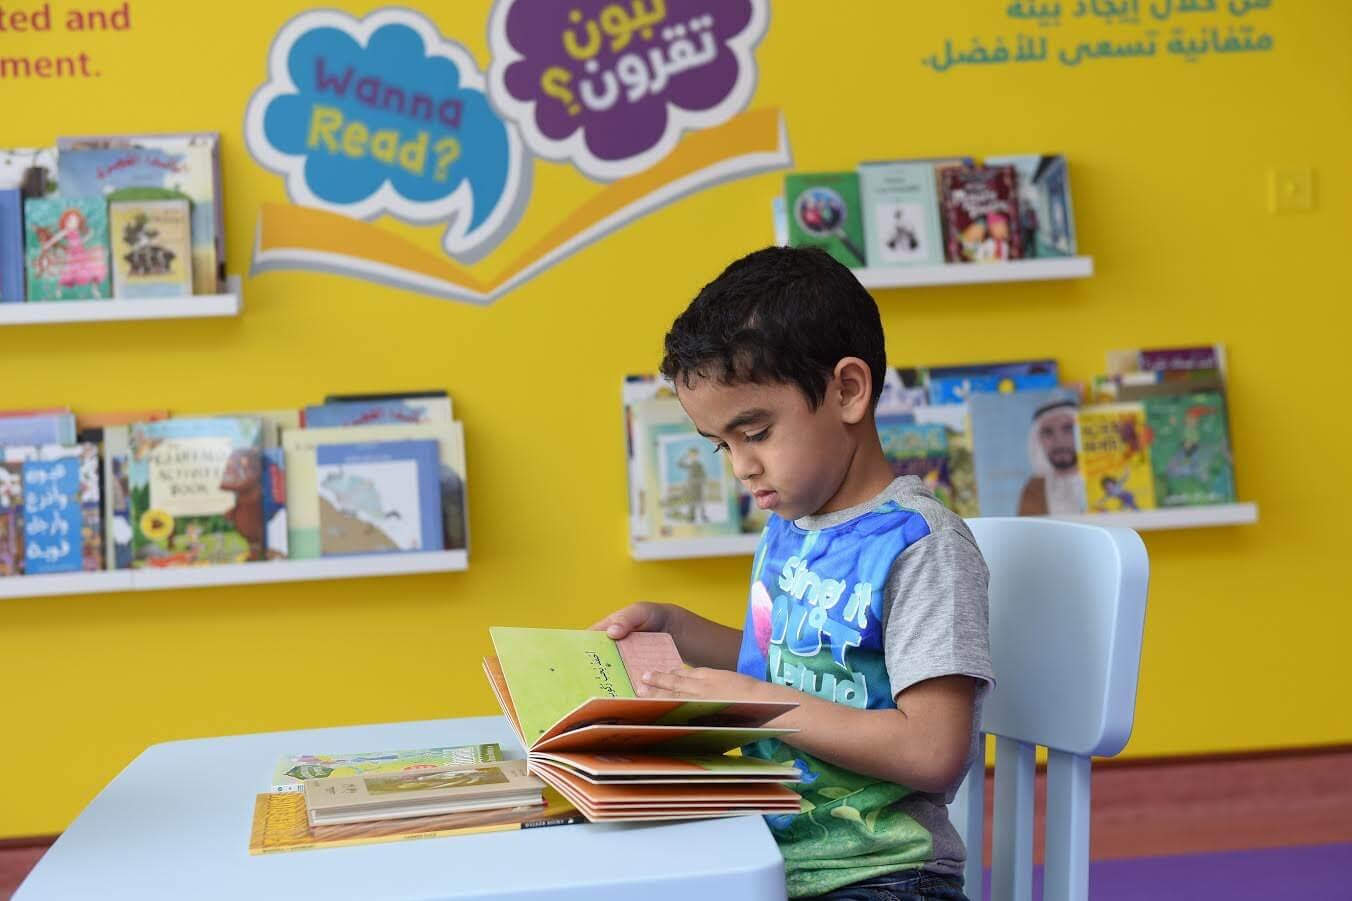 المول في المركز التجاري العالمي أبوظبي يحتفل بعام الخير